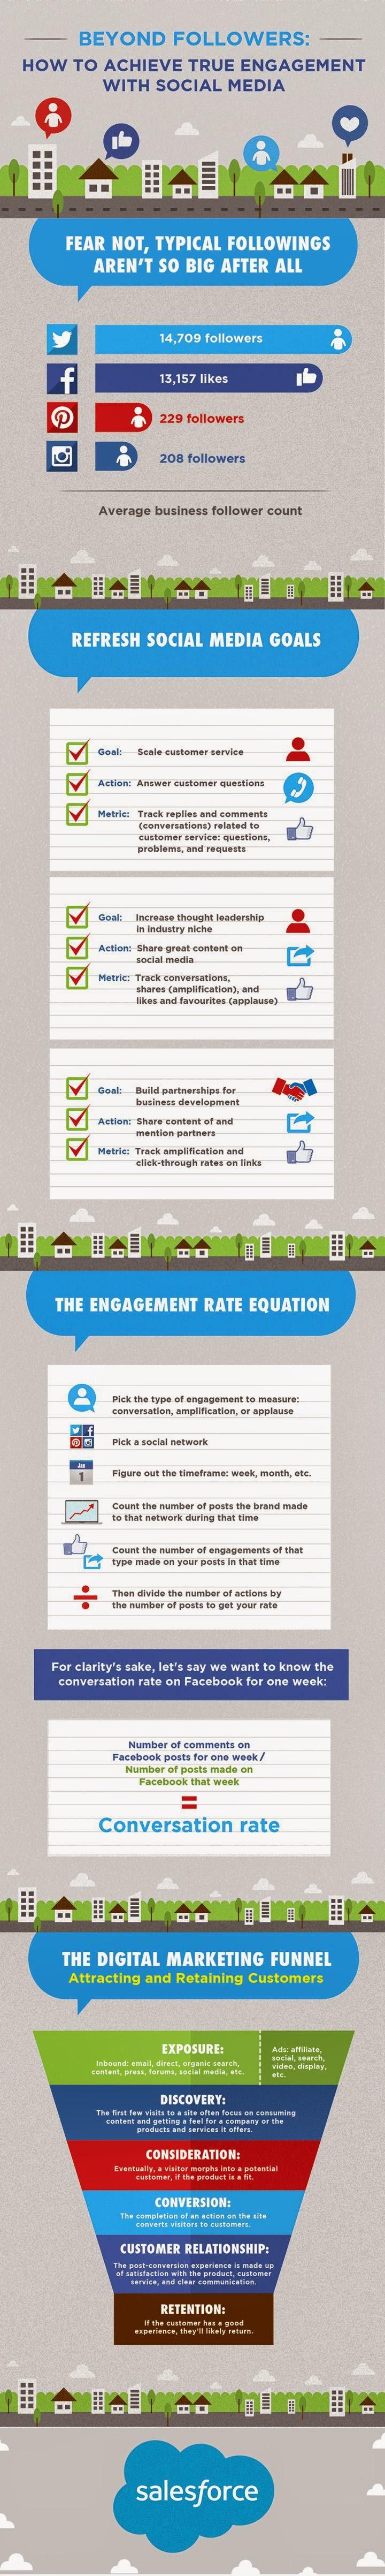 Más allá del número de seguidores: Como lograr el anhelado engagement en medios sociales